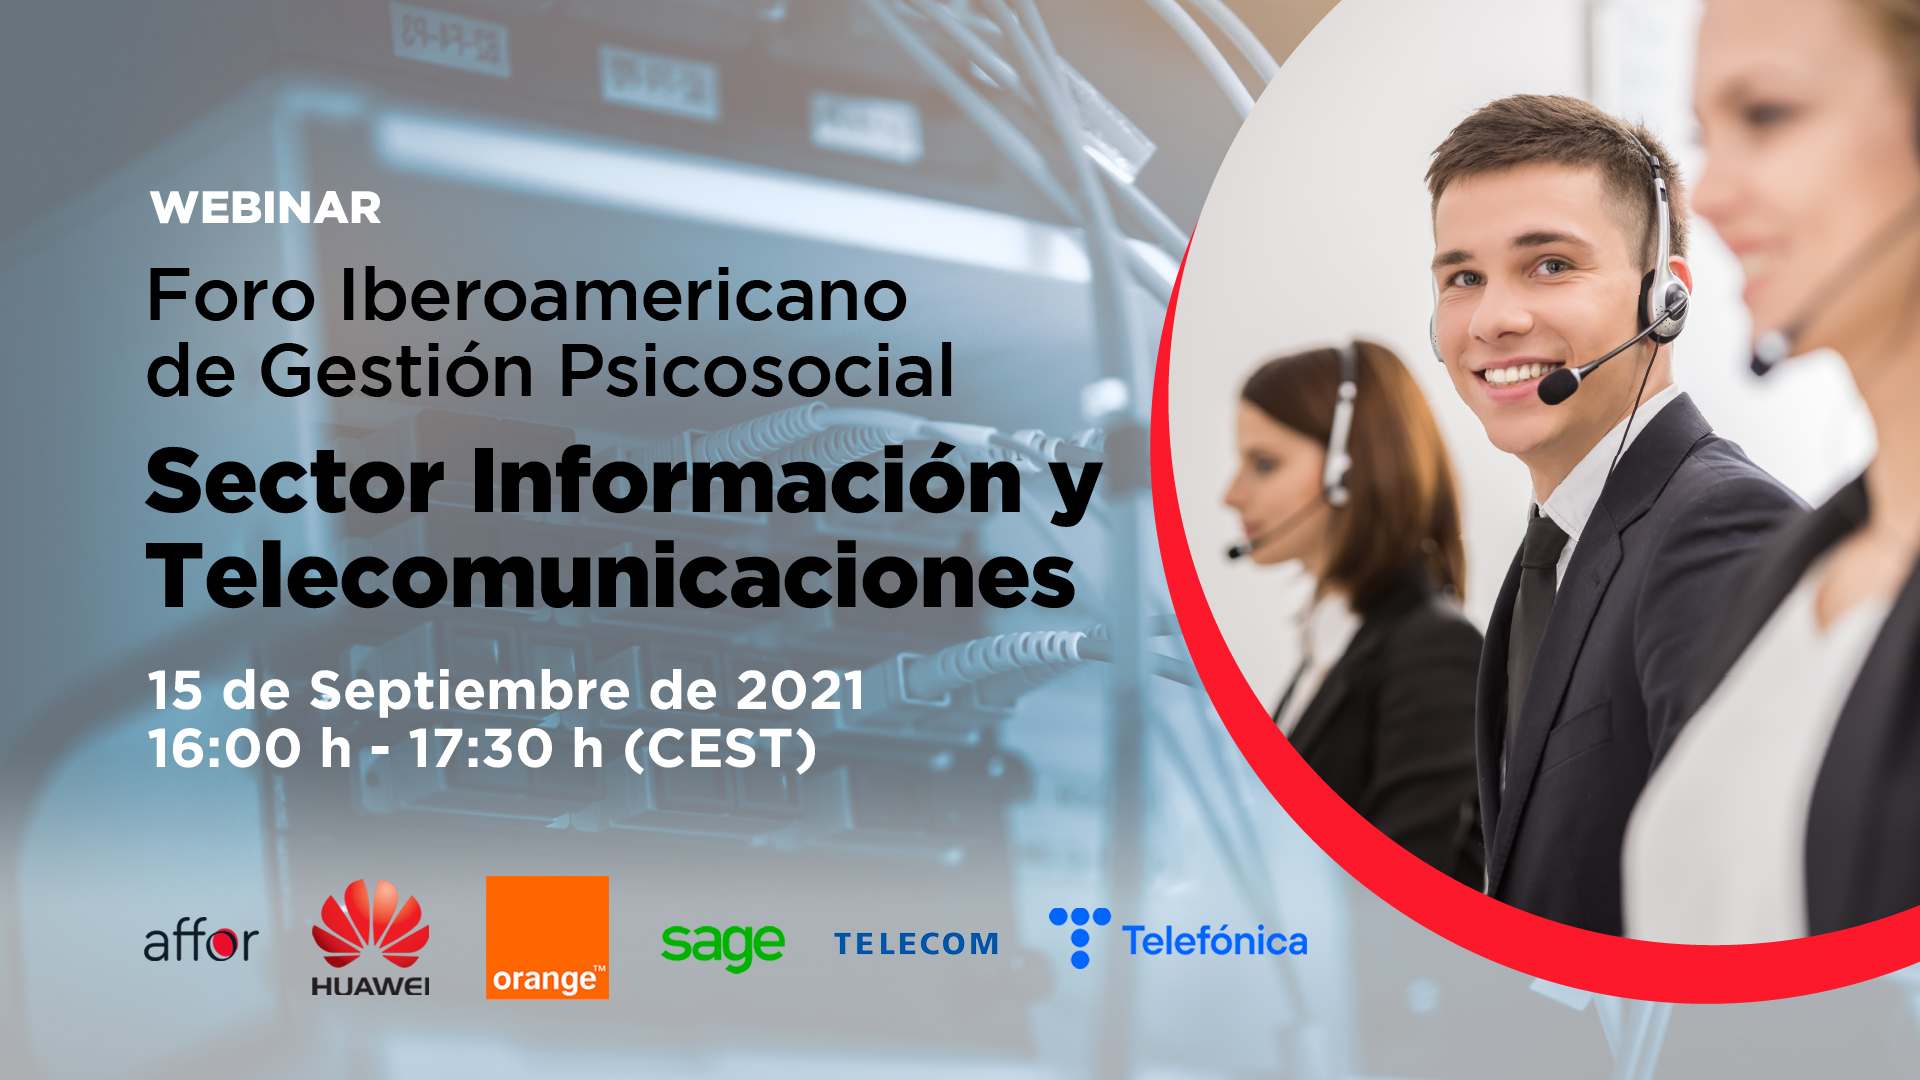 Foro iberoamericano de Gestión Psicosocial Sector Información y Telecomunicaciones